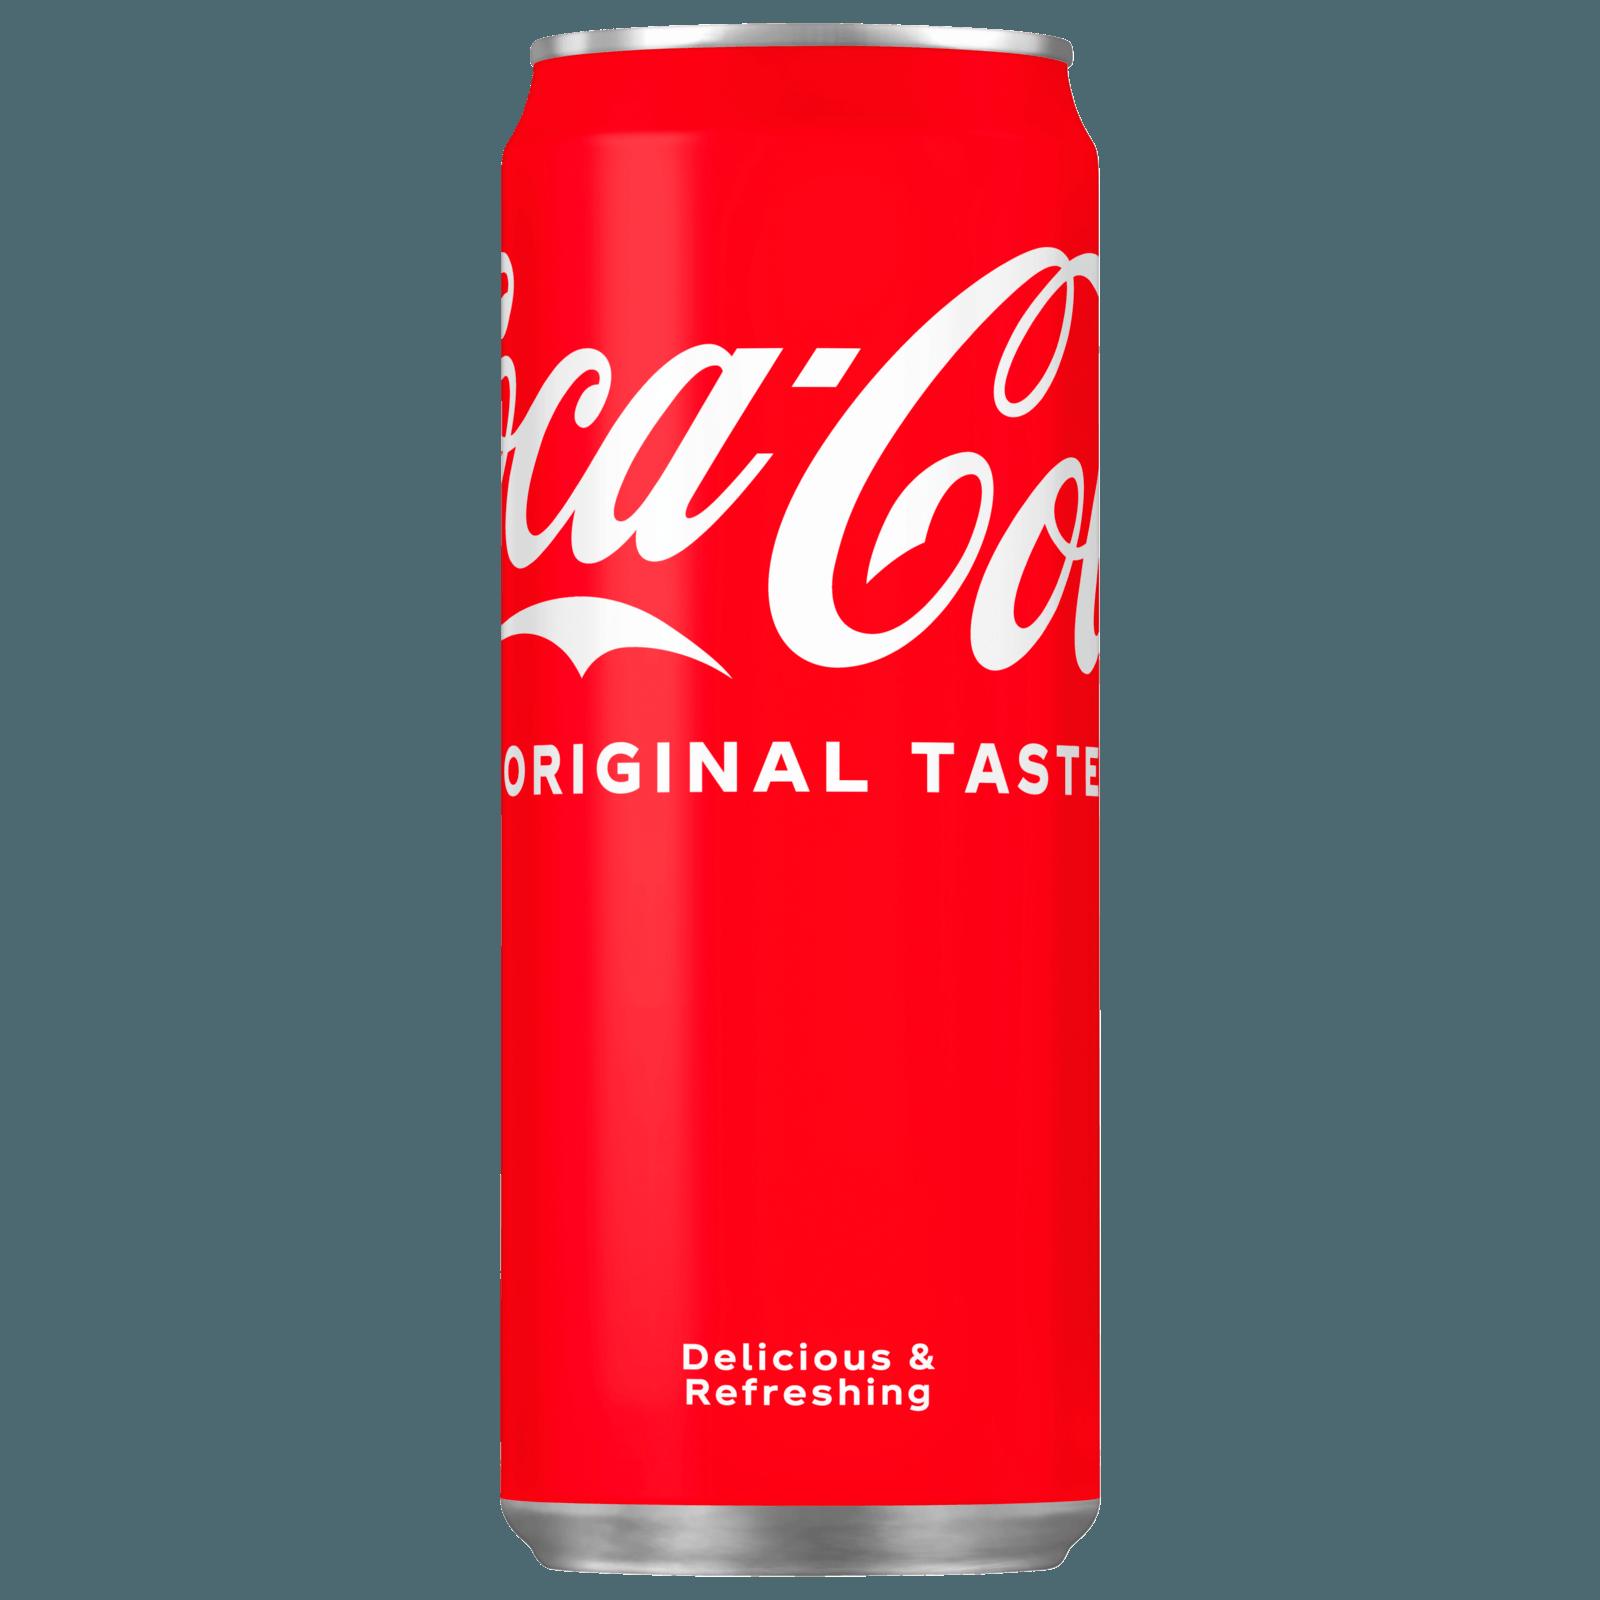 Schnelle » Große LieferungRewe Getränke Auswahlamp; mNn08w